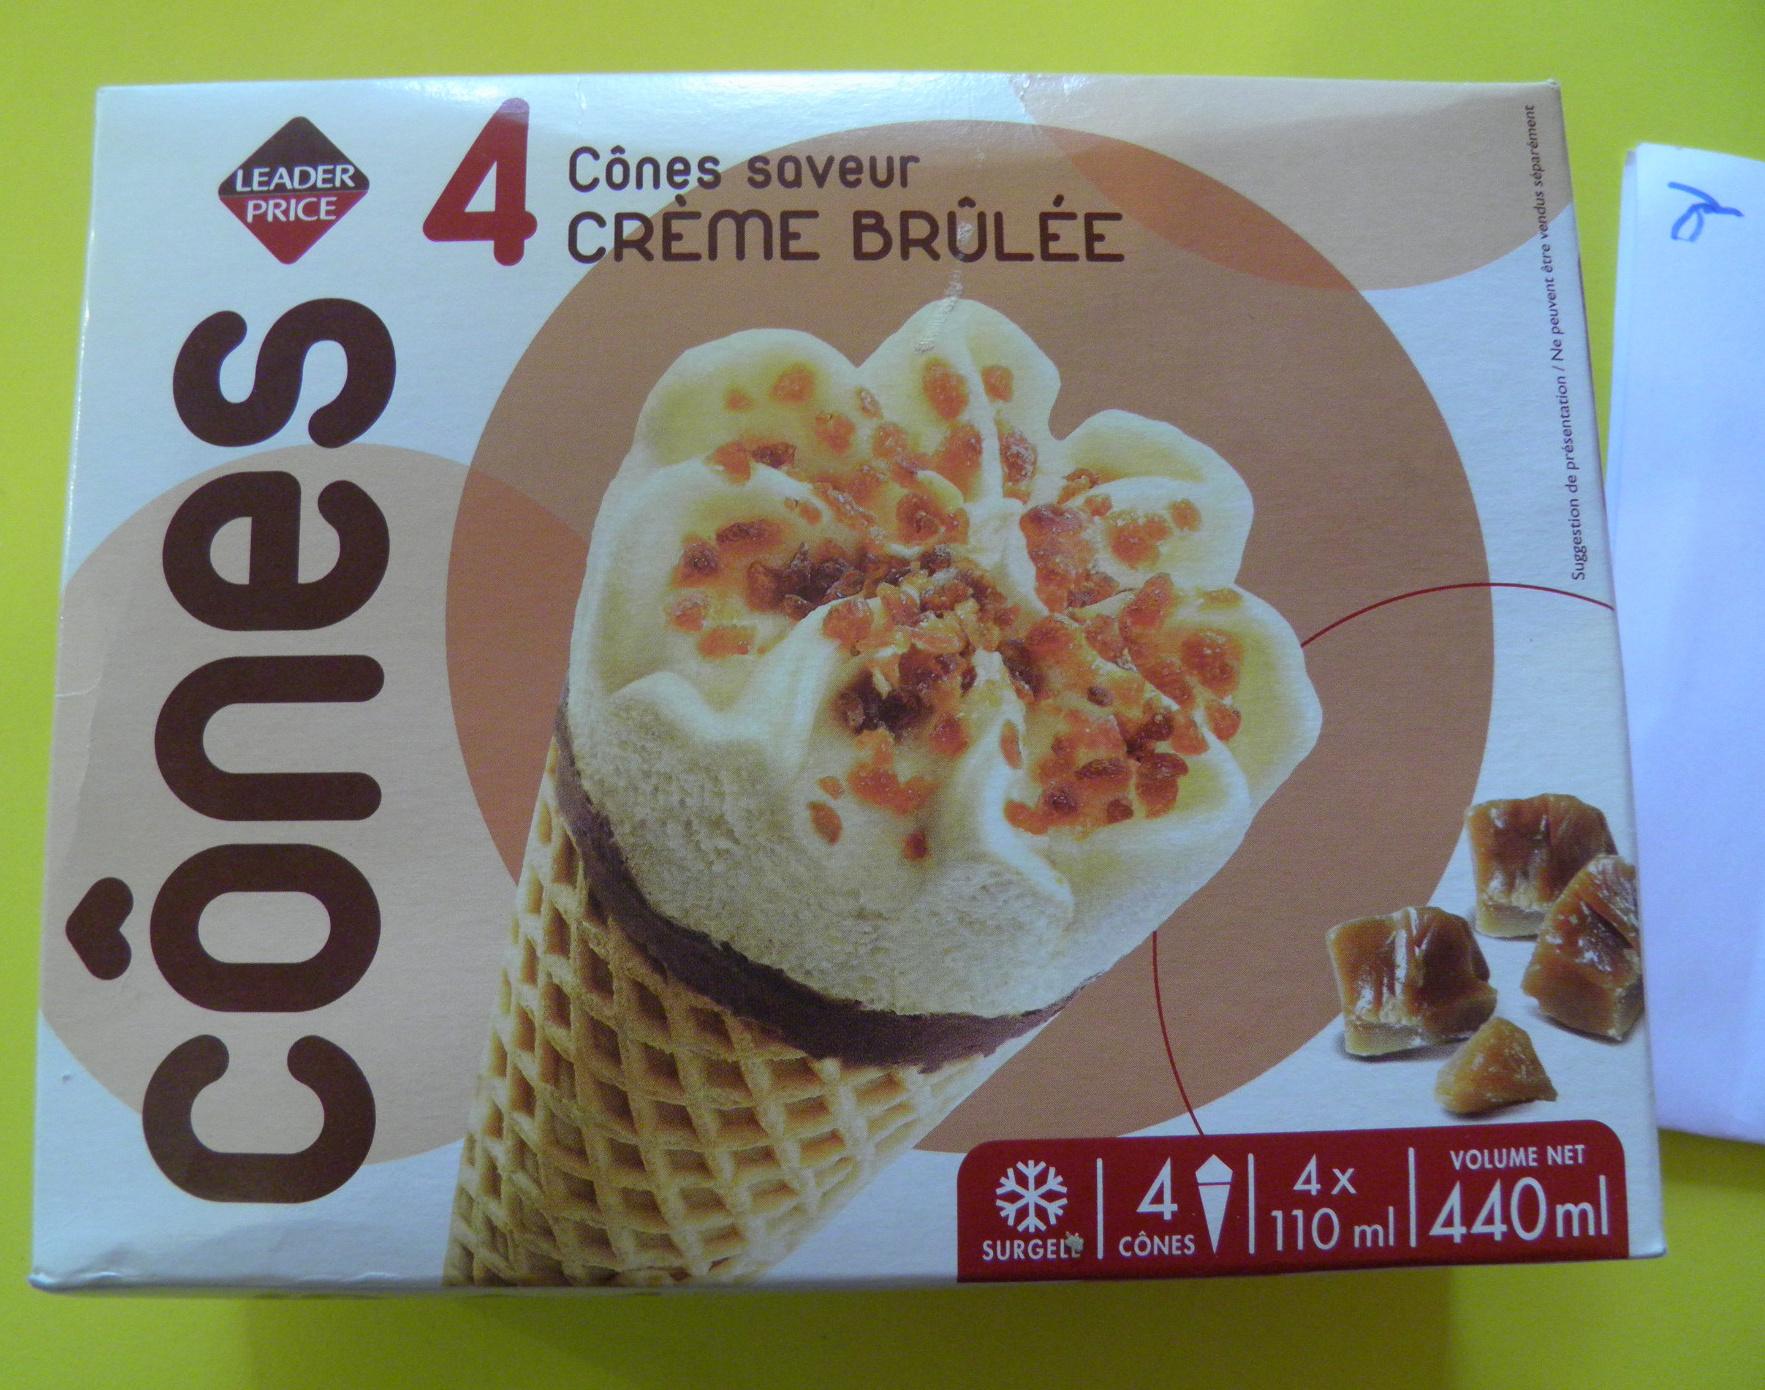 4 Cônes Crème brûlée - Produit - fr